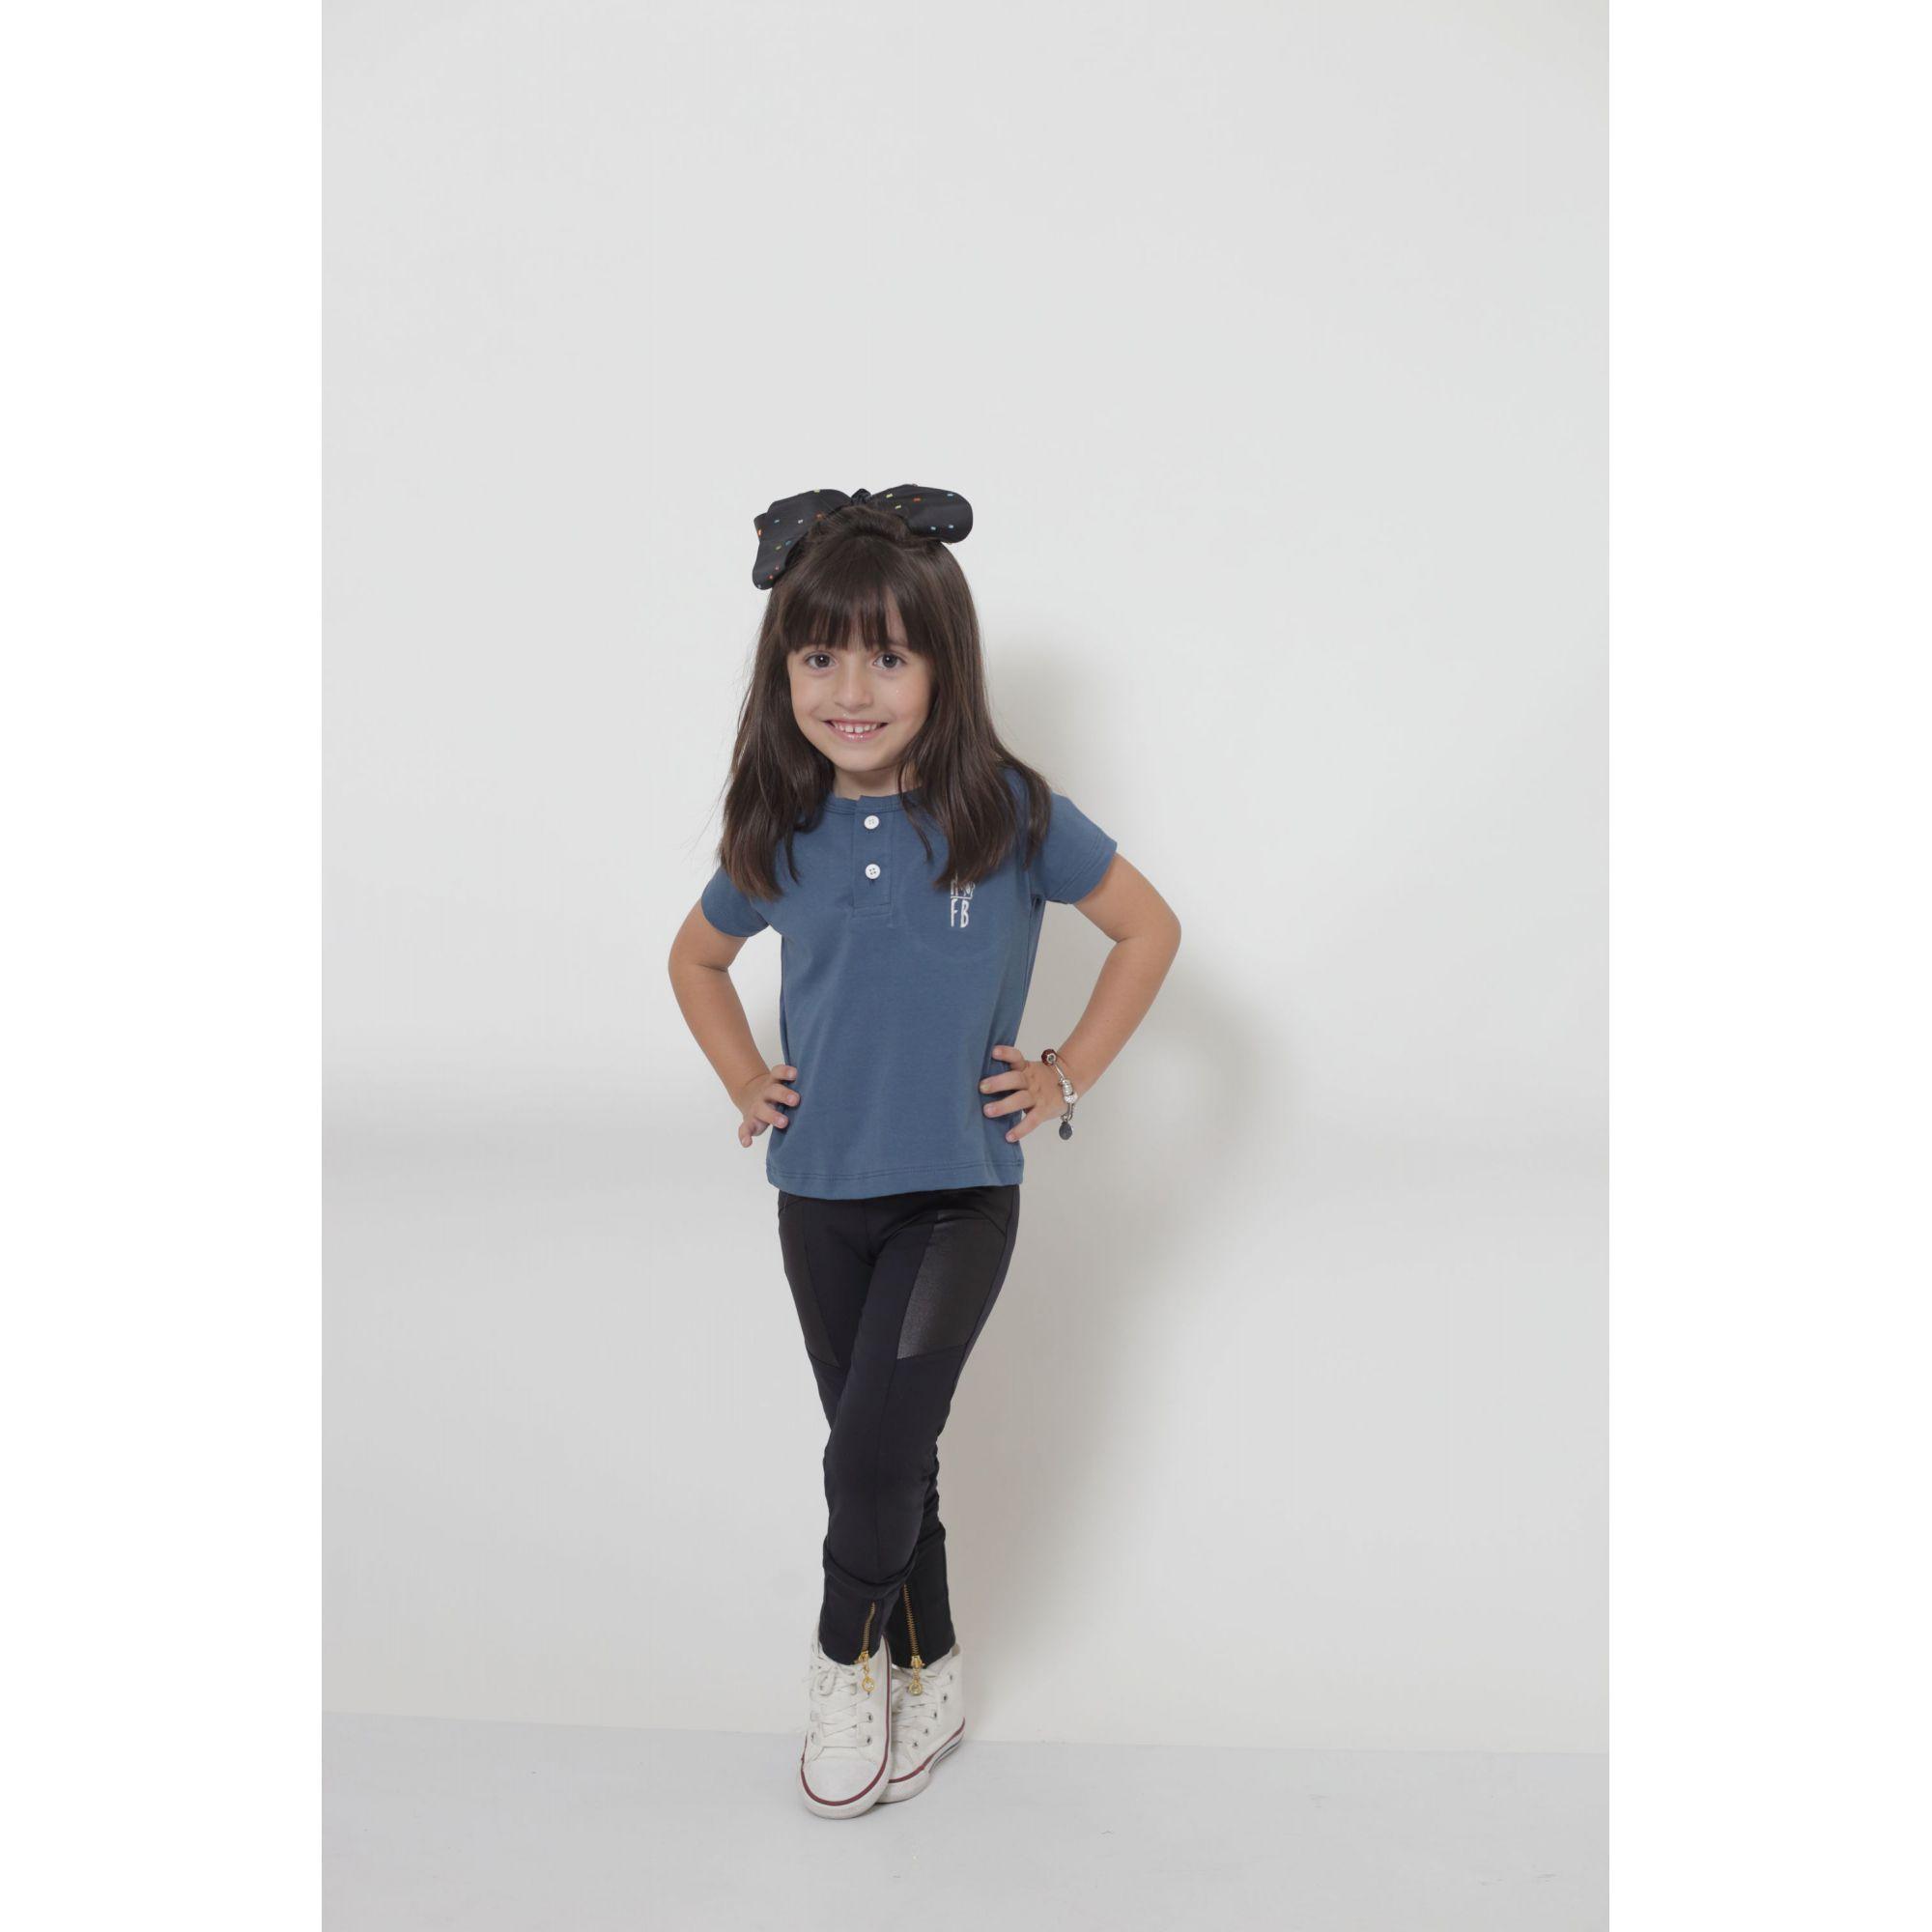 PAIS E FILHA > Kit 3 Peças T-Shirt ou Body Henley - Azul Petróleo [Coleção Família]  - Heitor Fashion Brazil